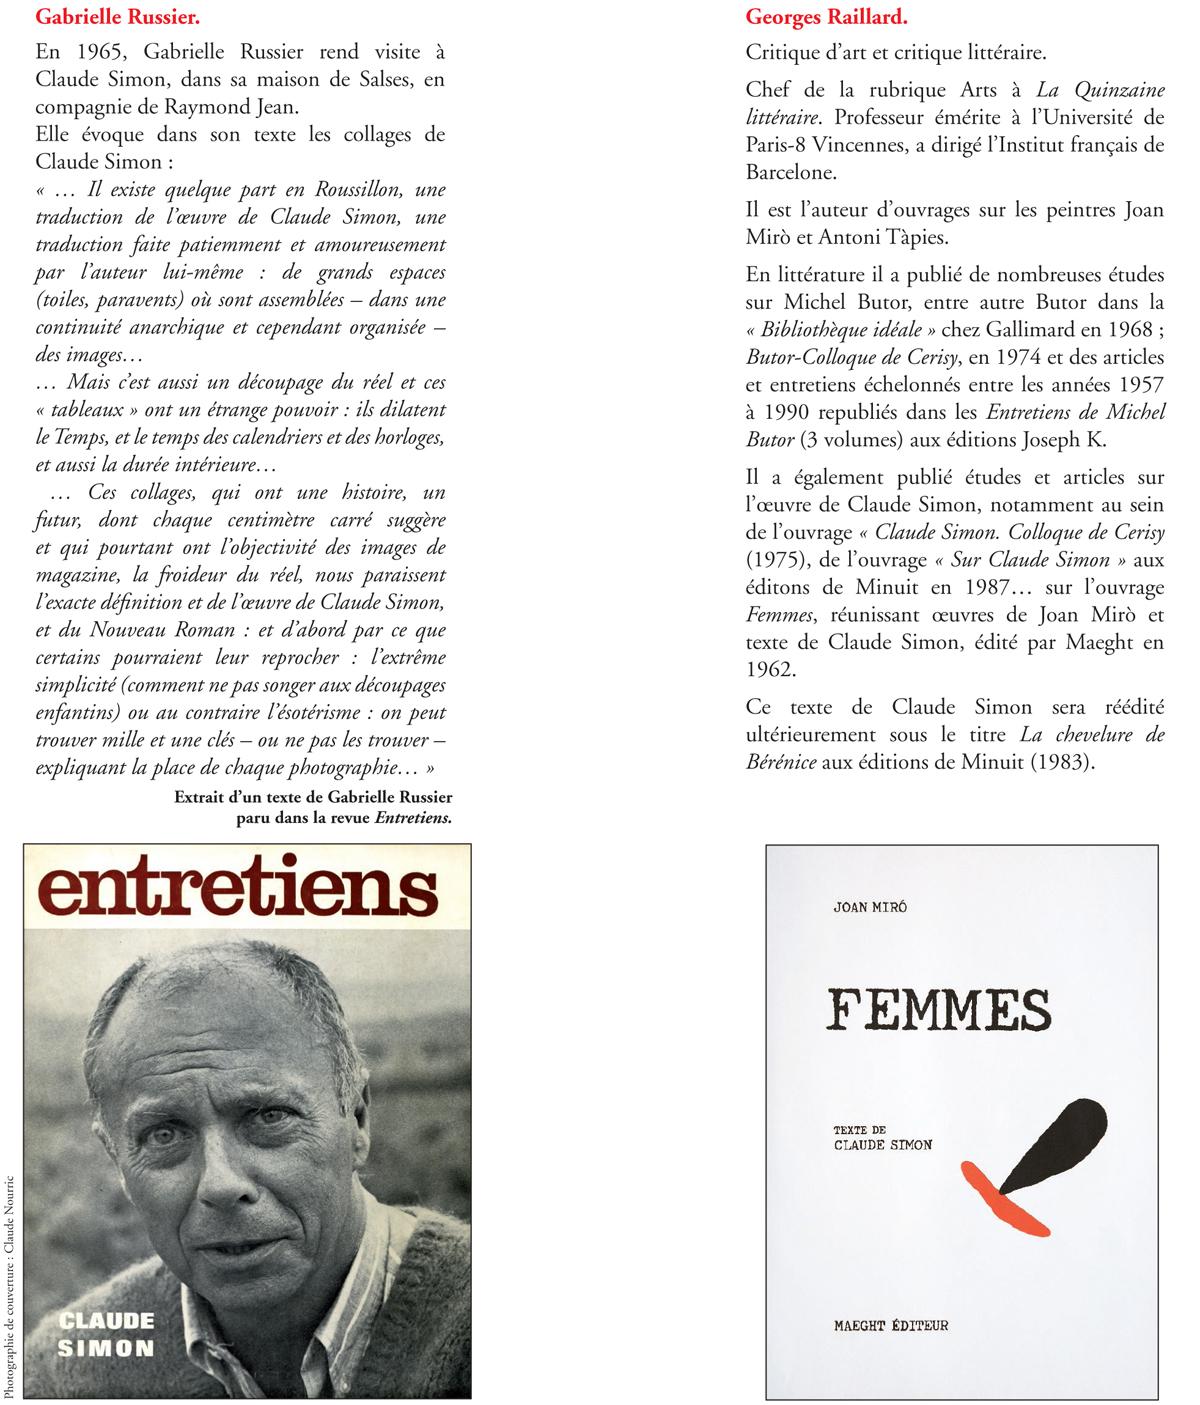 Rencontre avec Michel Butor - page 3